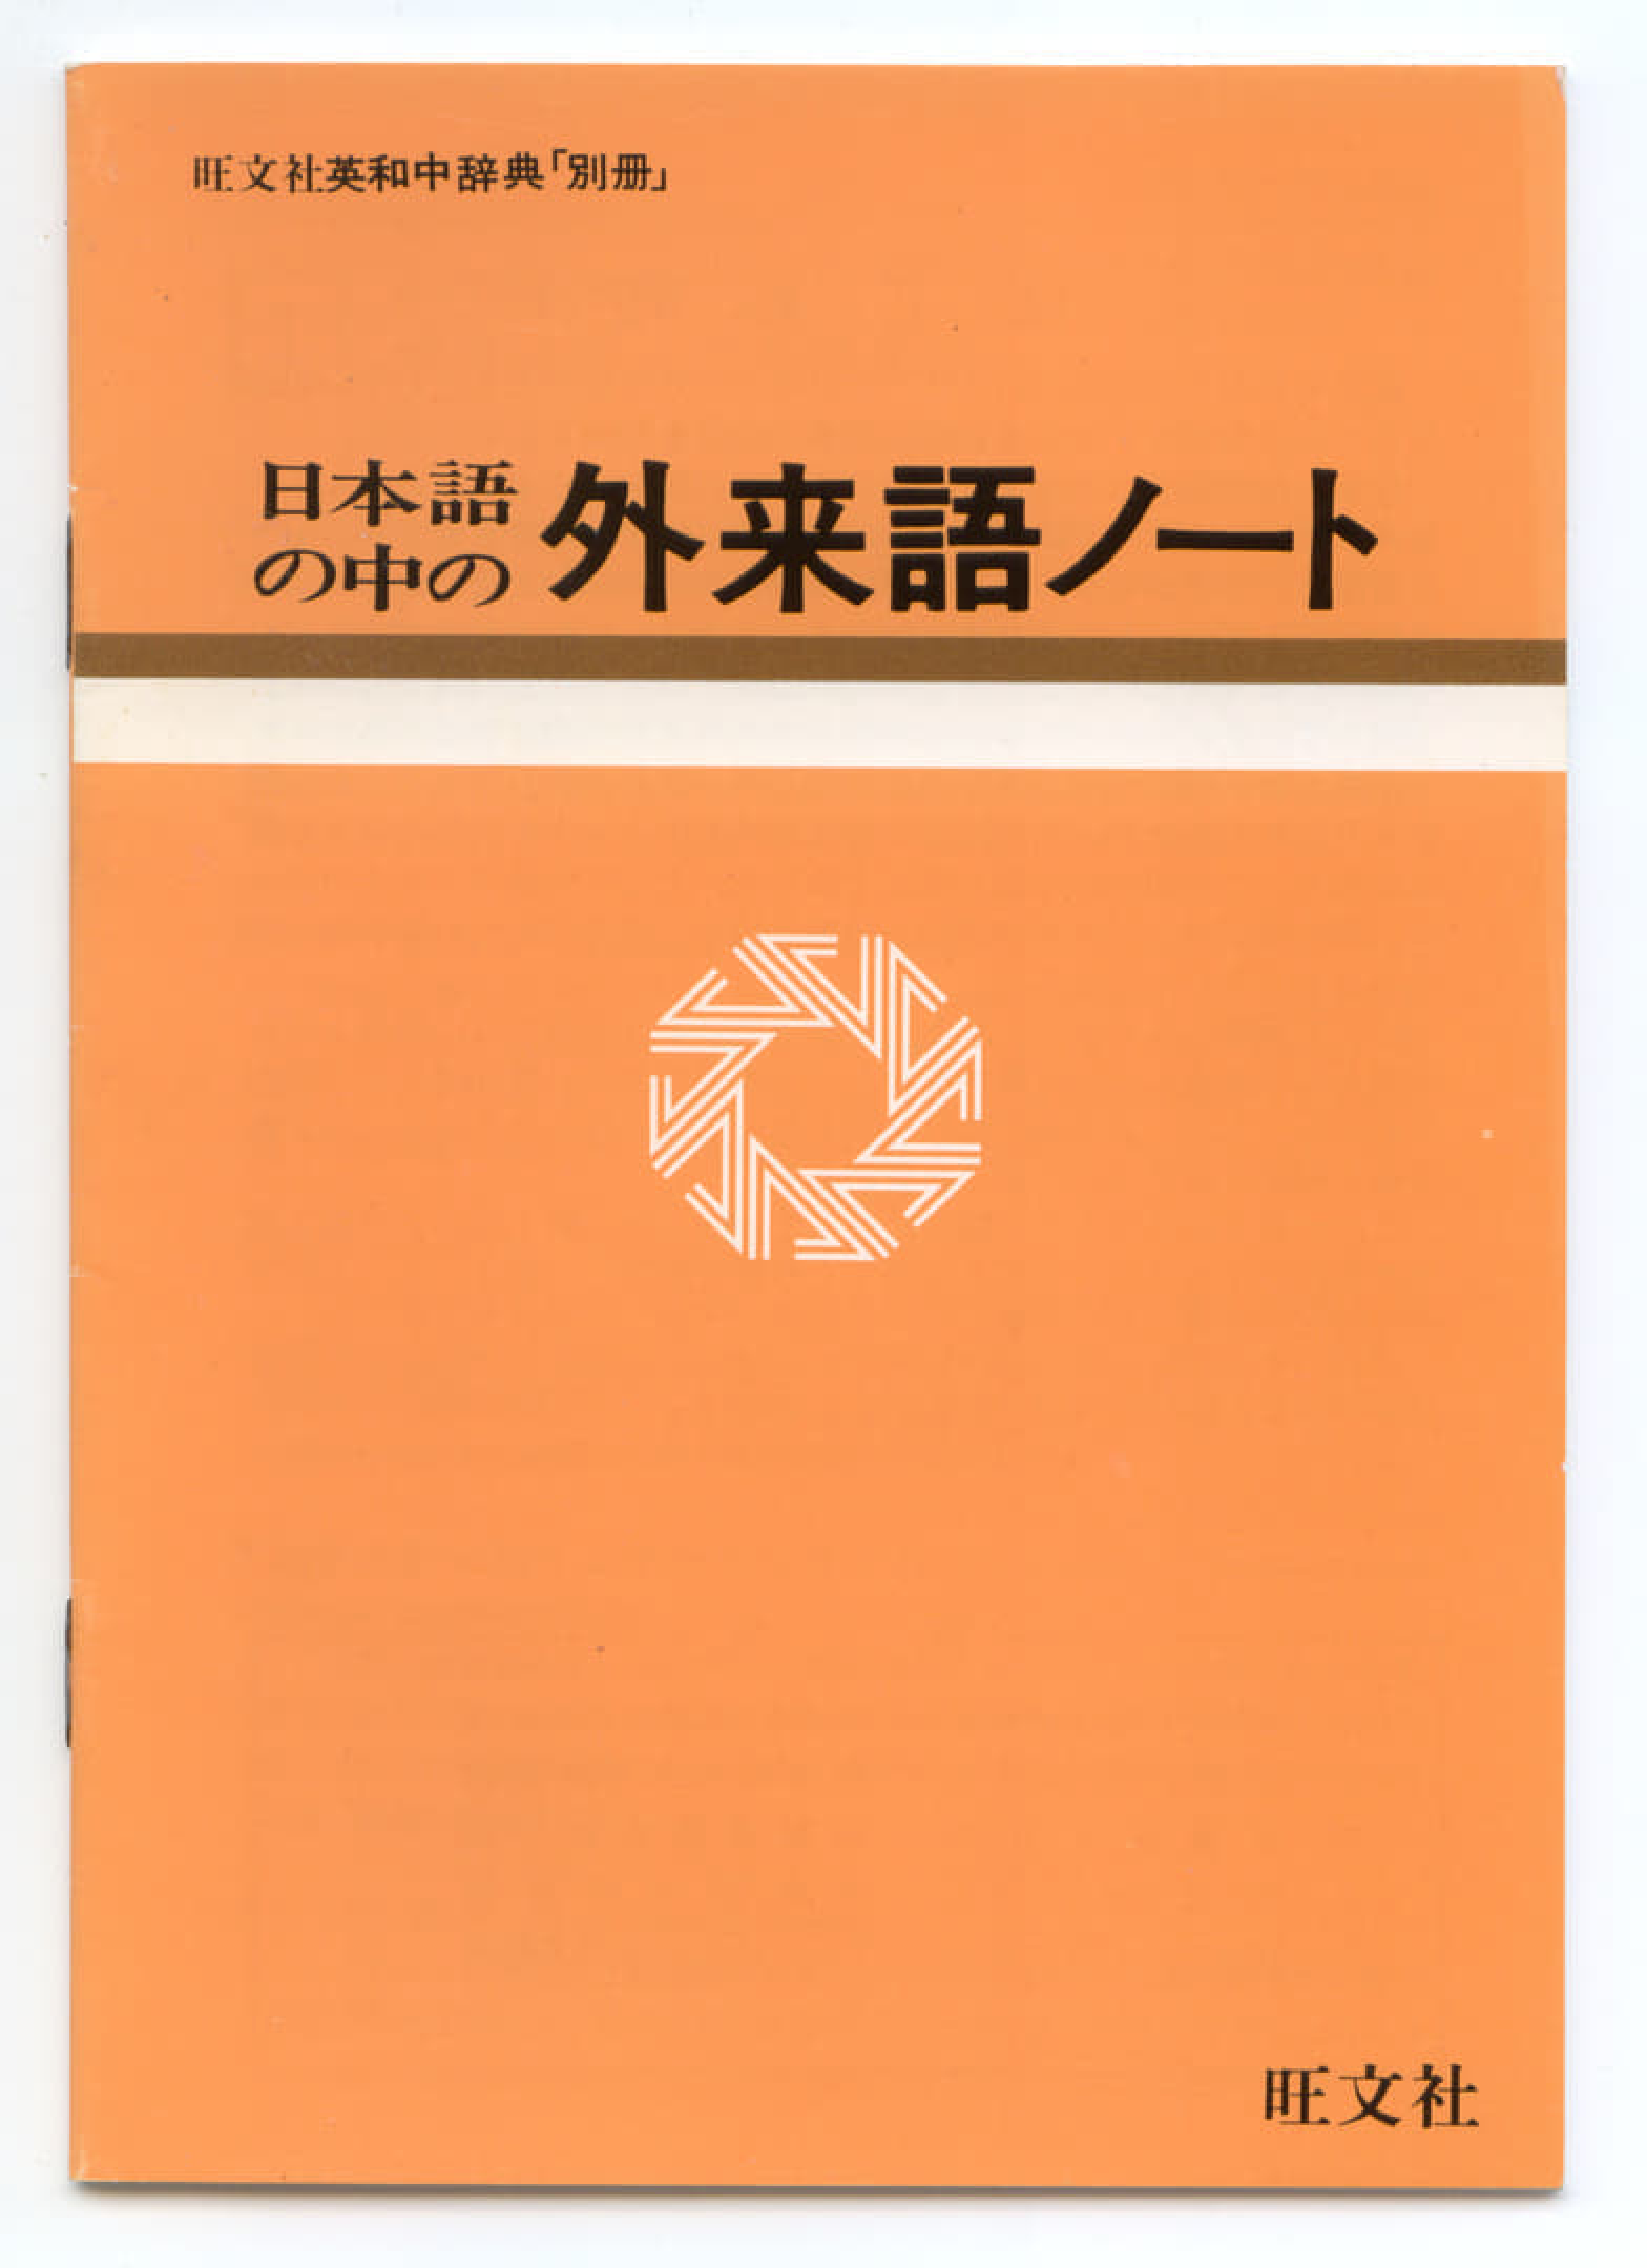 巻 の 語源 一 終わり ことばの終わり :来たるべき辞書のために